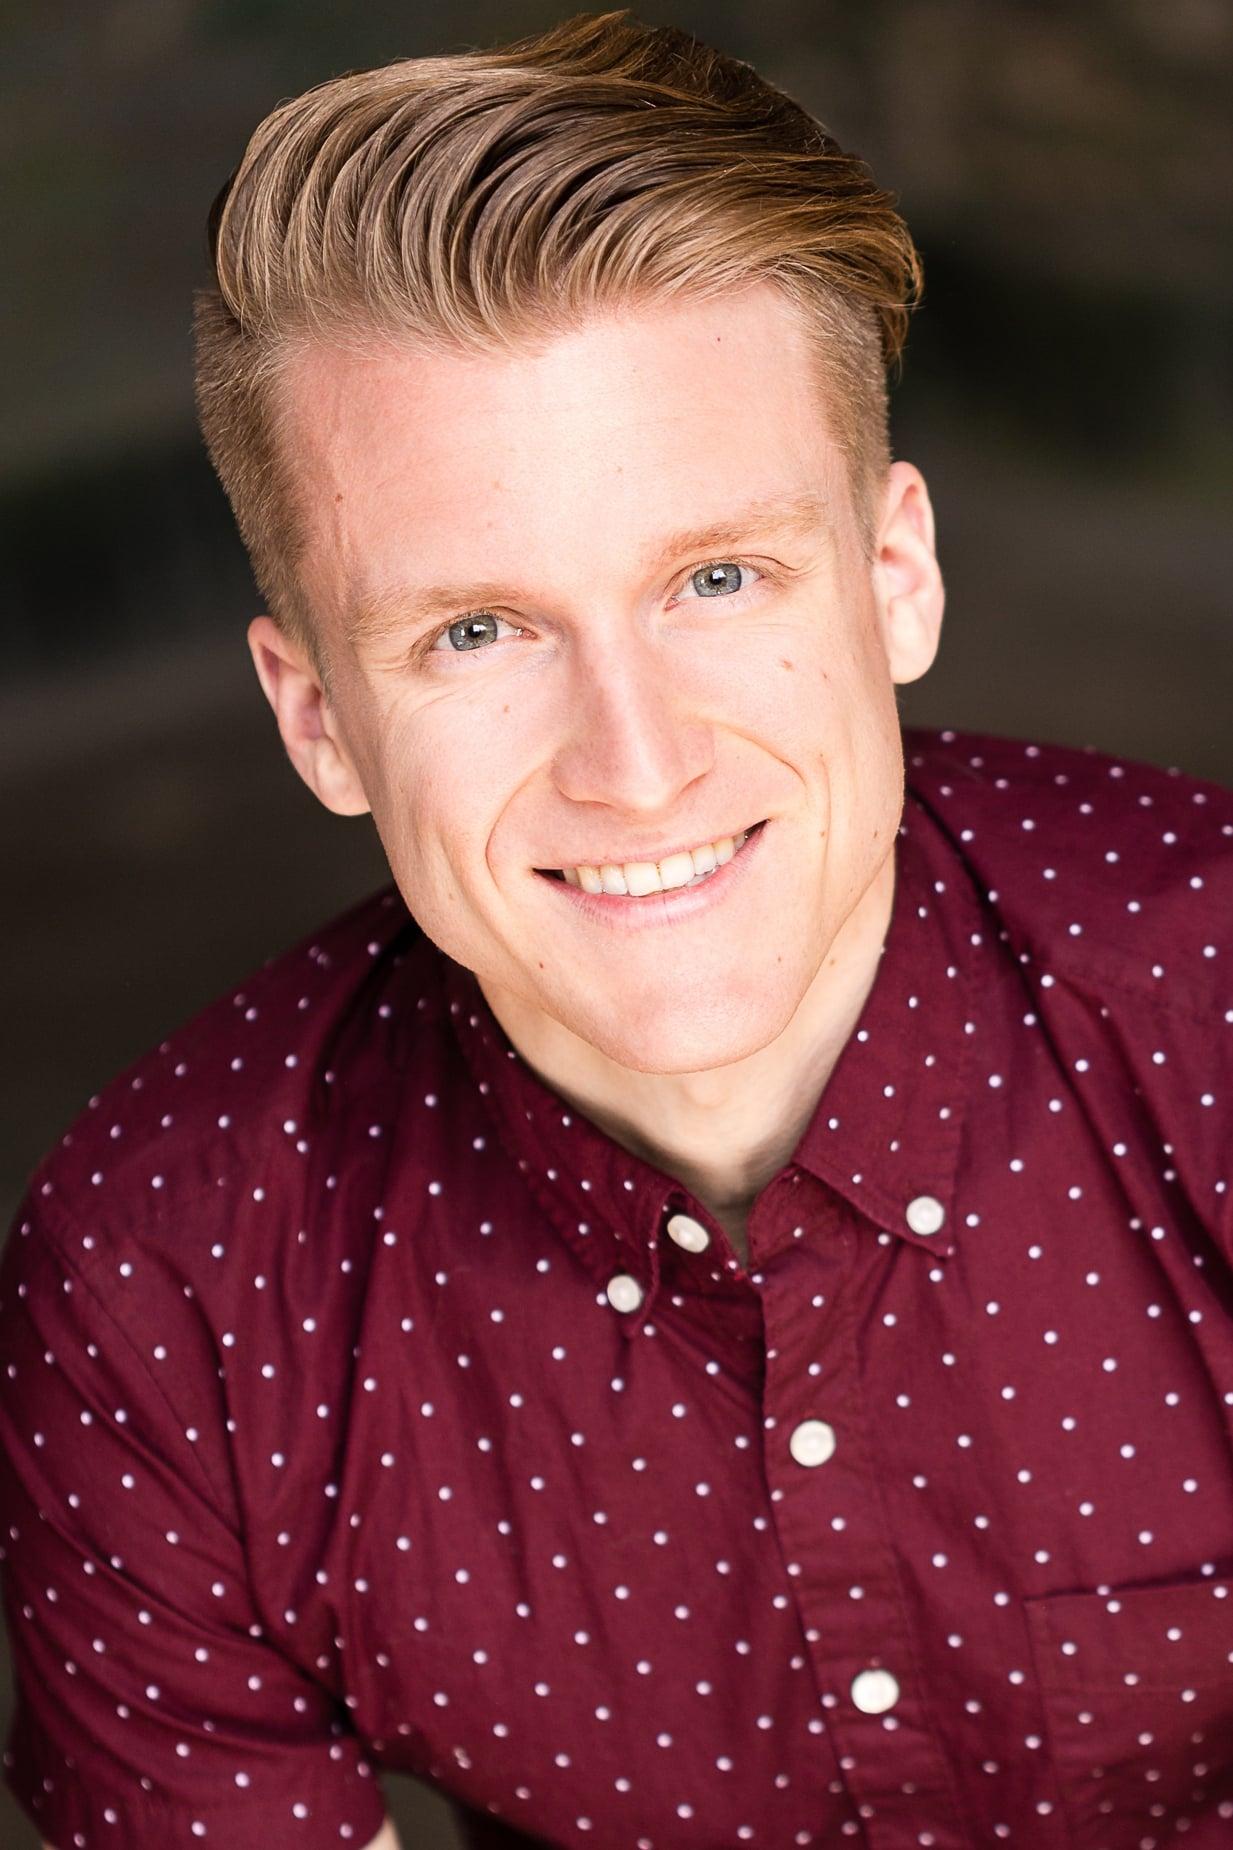 Darren Martens